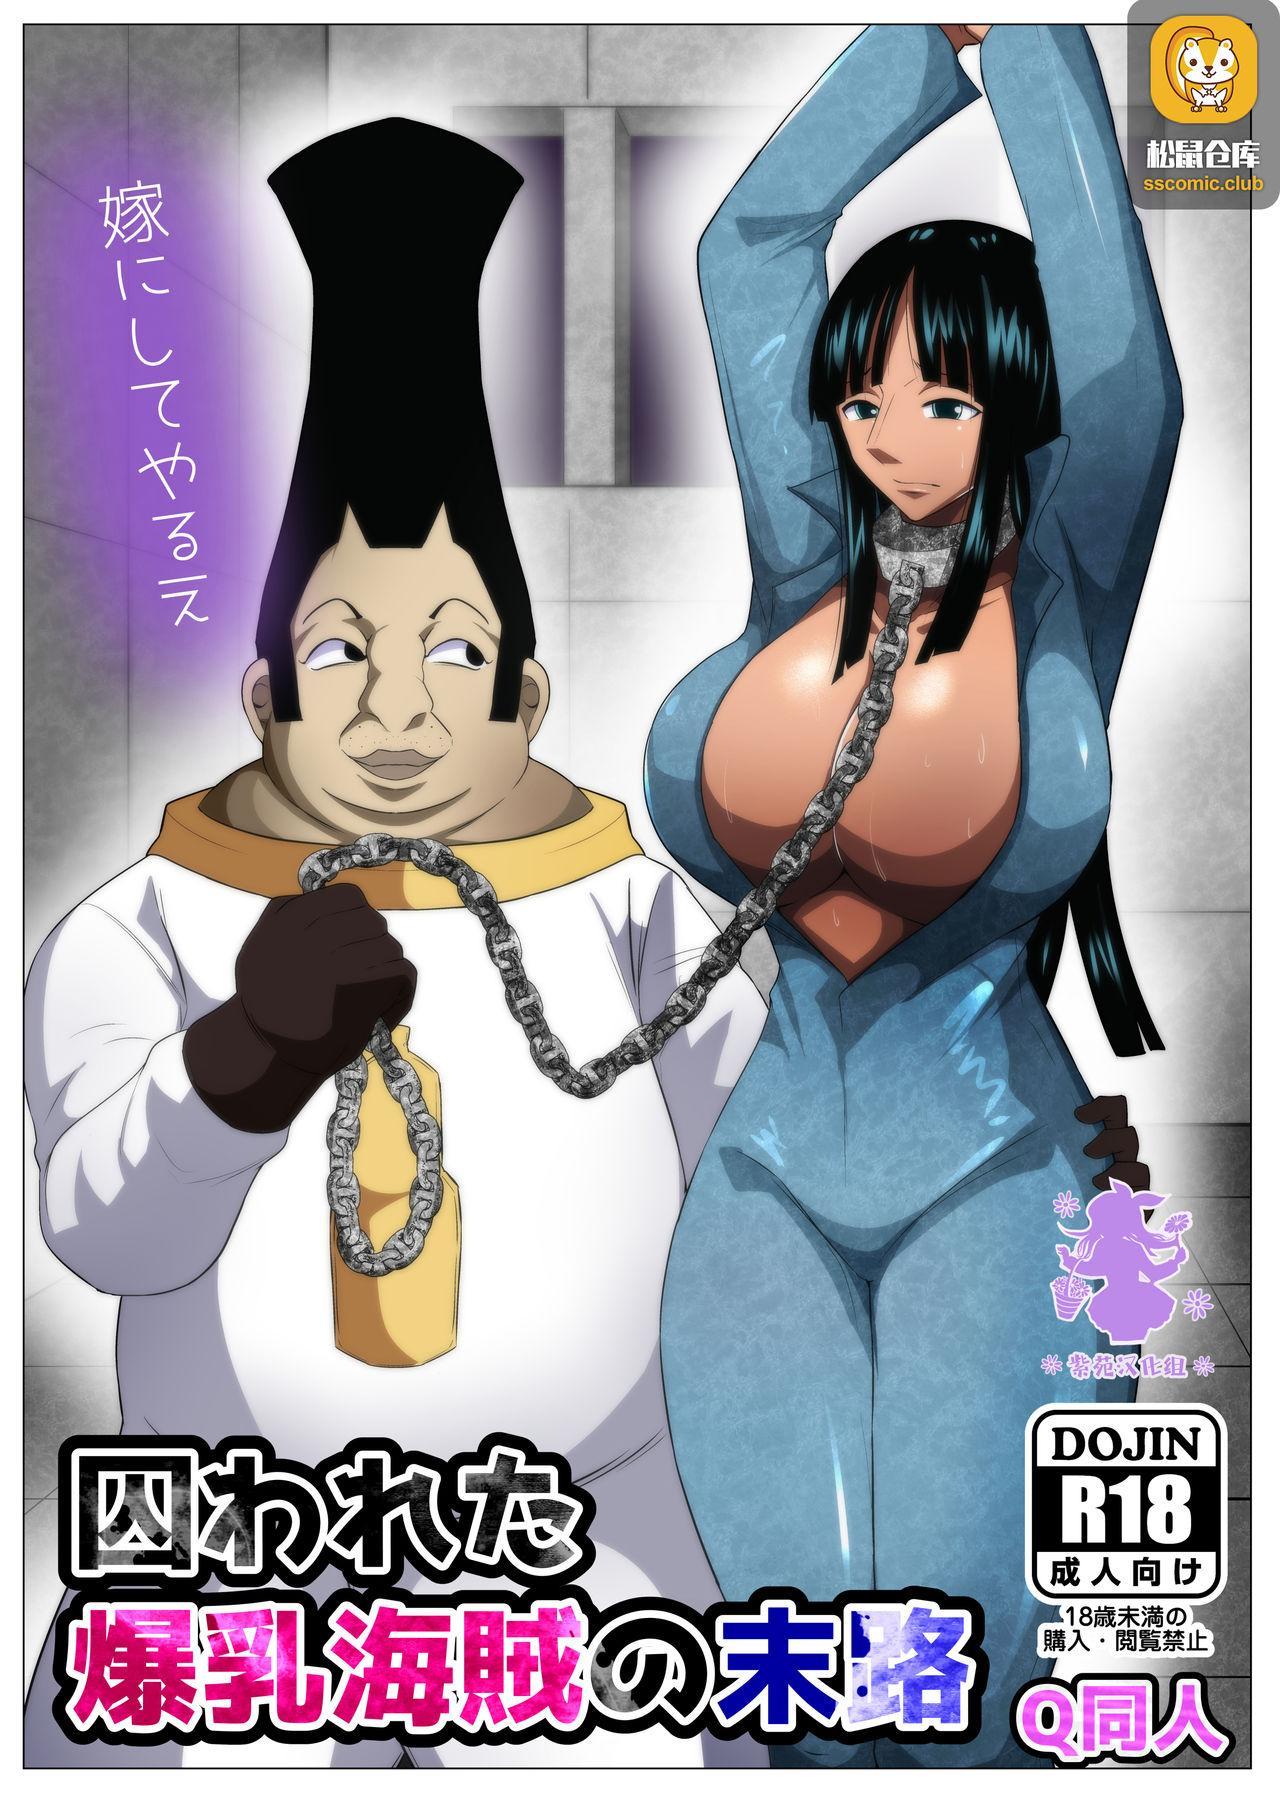 Torawareta Bakunyuu Kaizoku no Matsuro | The Fate Of The Captured Big Breasted Pirate 0